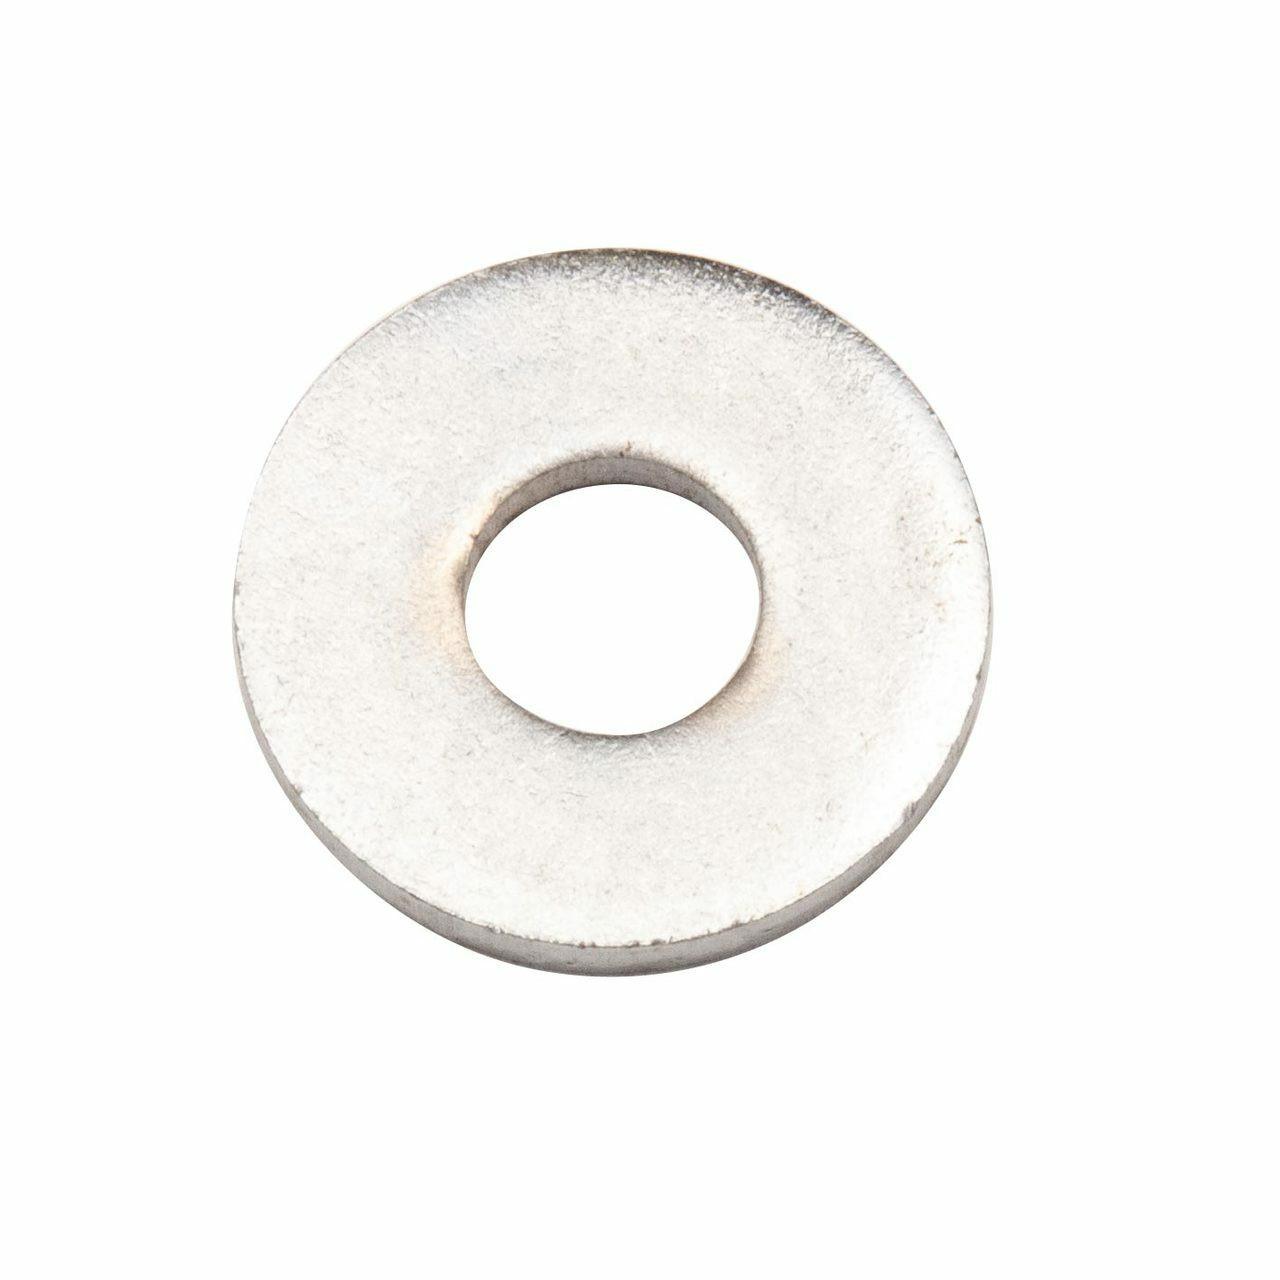 444 -- (#42) -- Flat Washer - 1004150